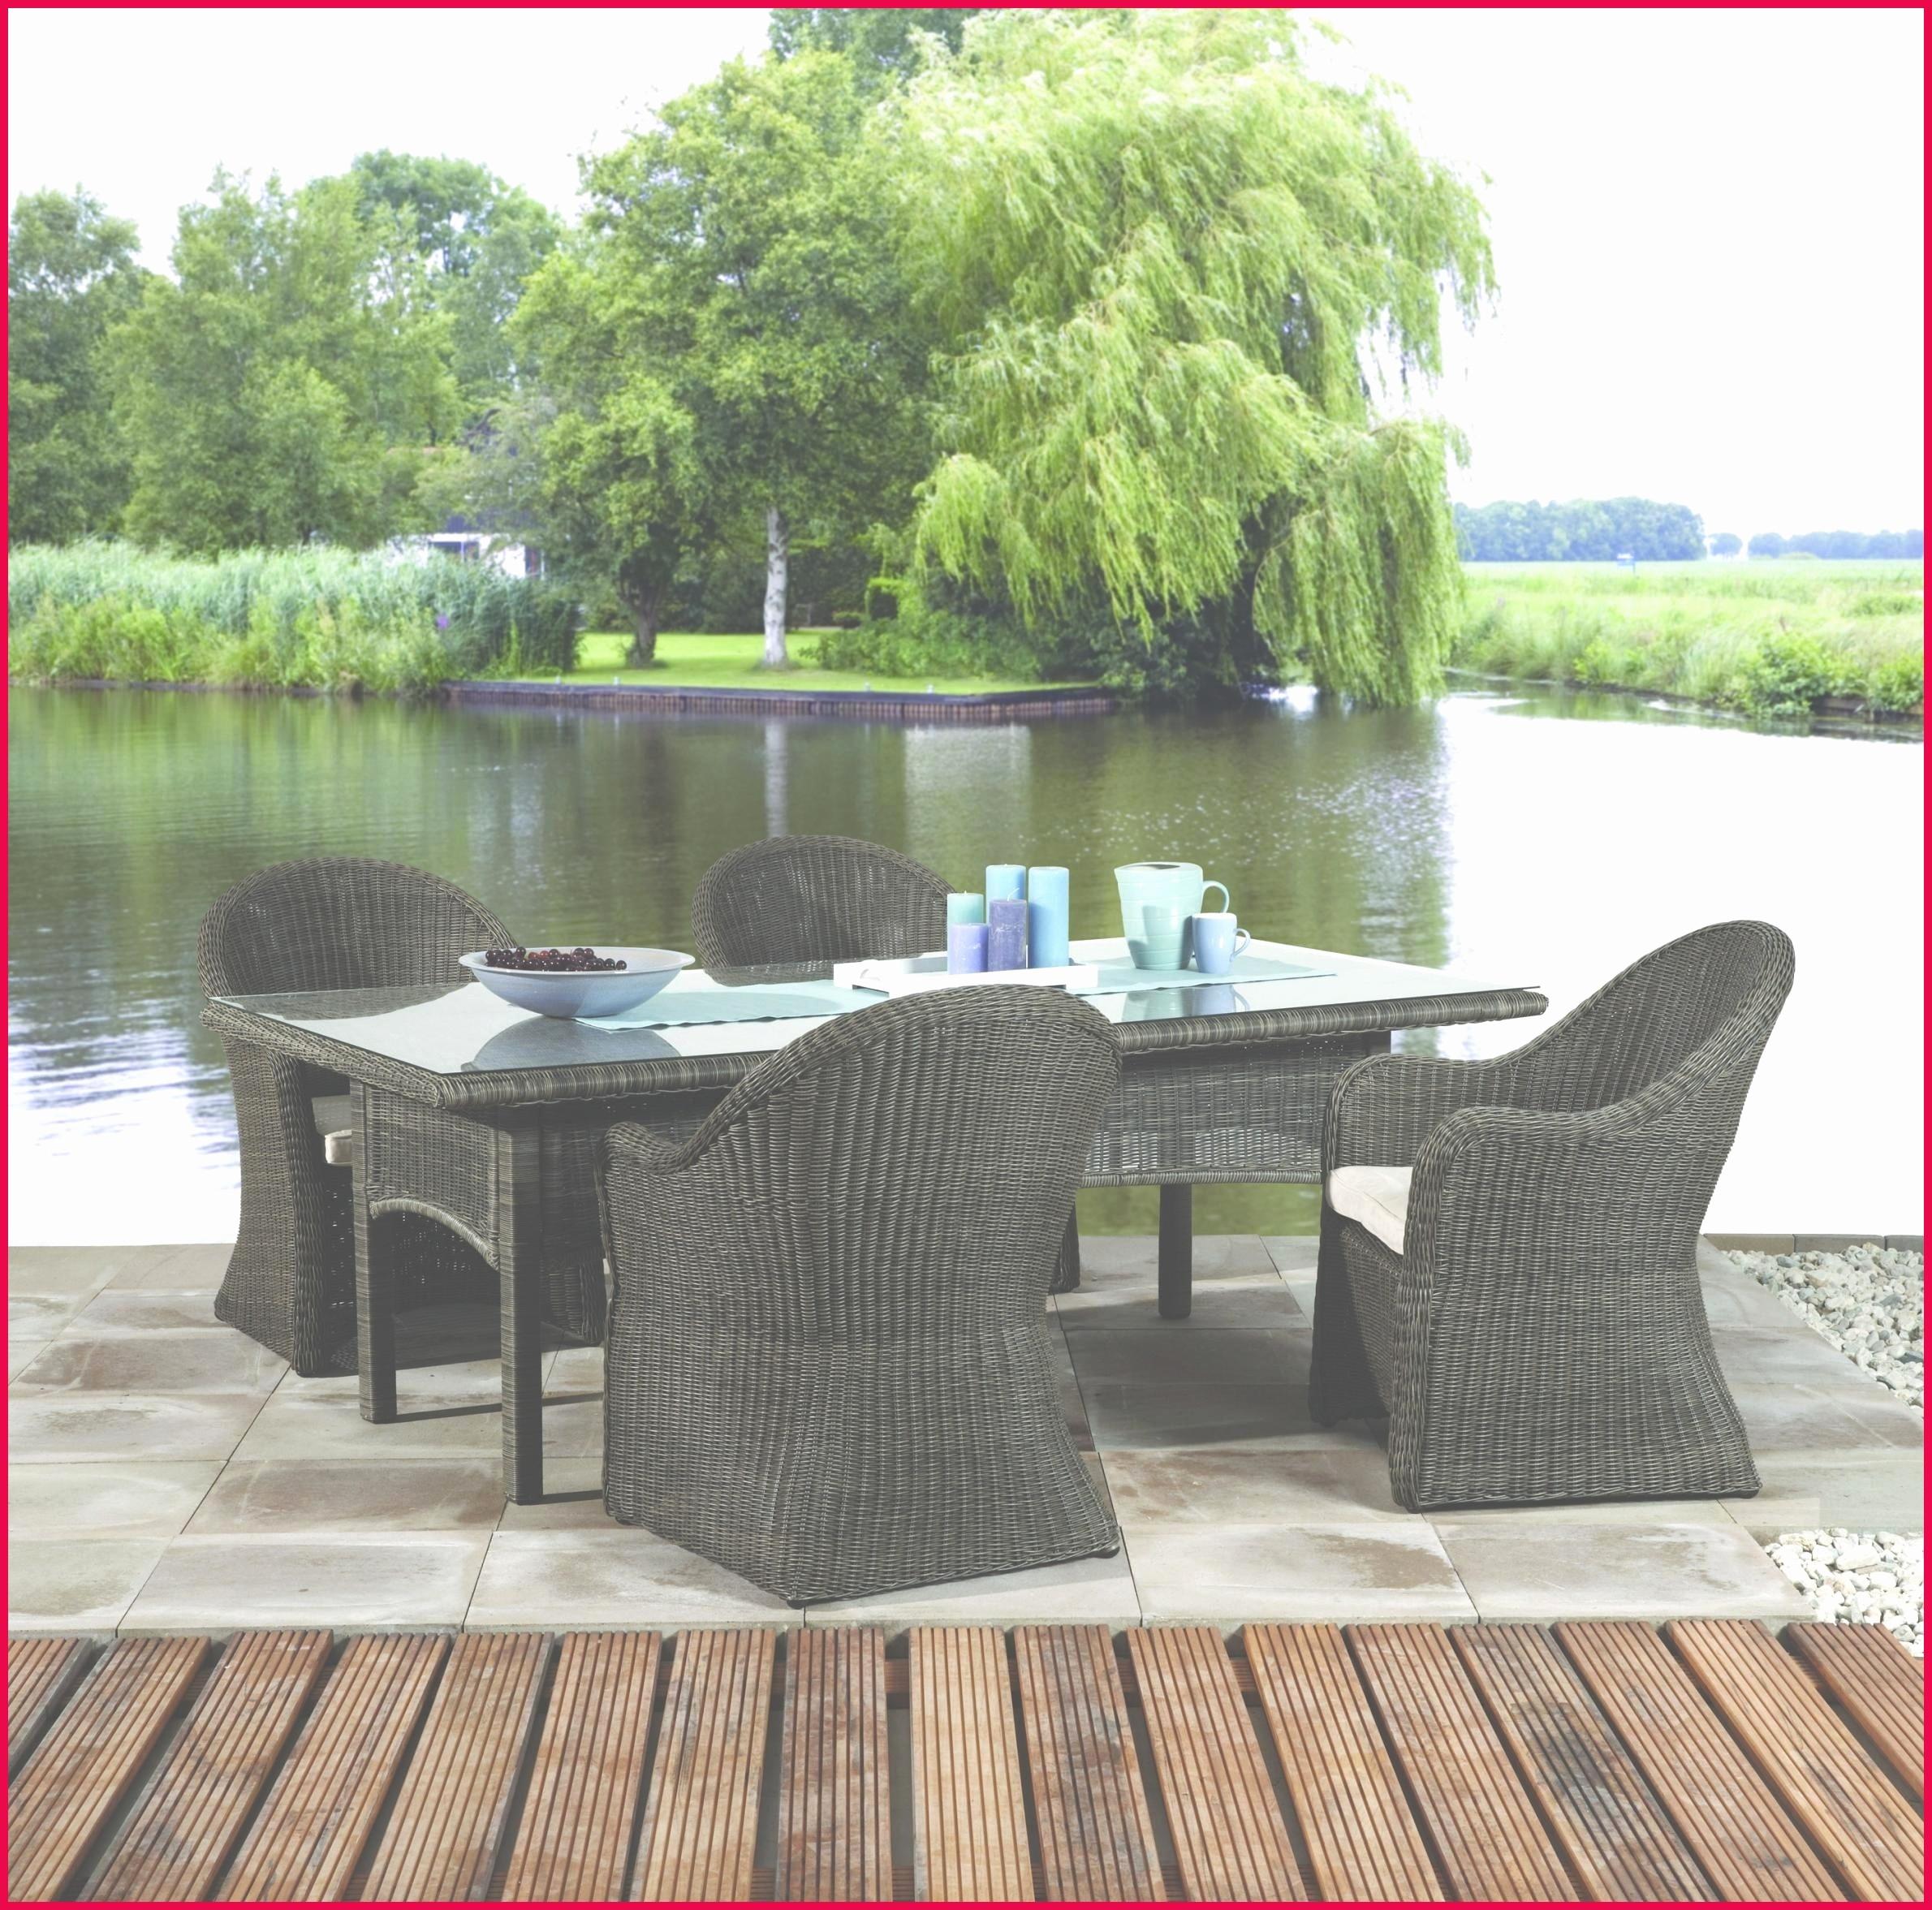 Chaises Jardin Leclerc Élégant Photos Table Et Chaises De Jardin Leclerc Aussi Charmant 15 Inspirational